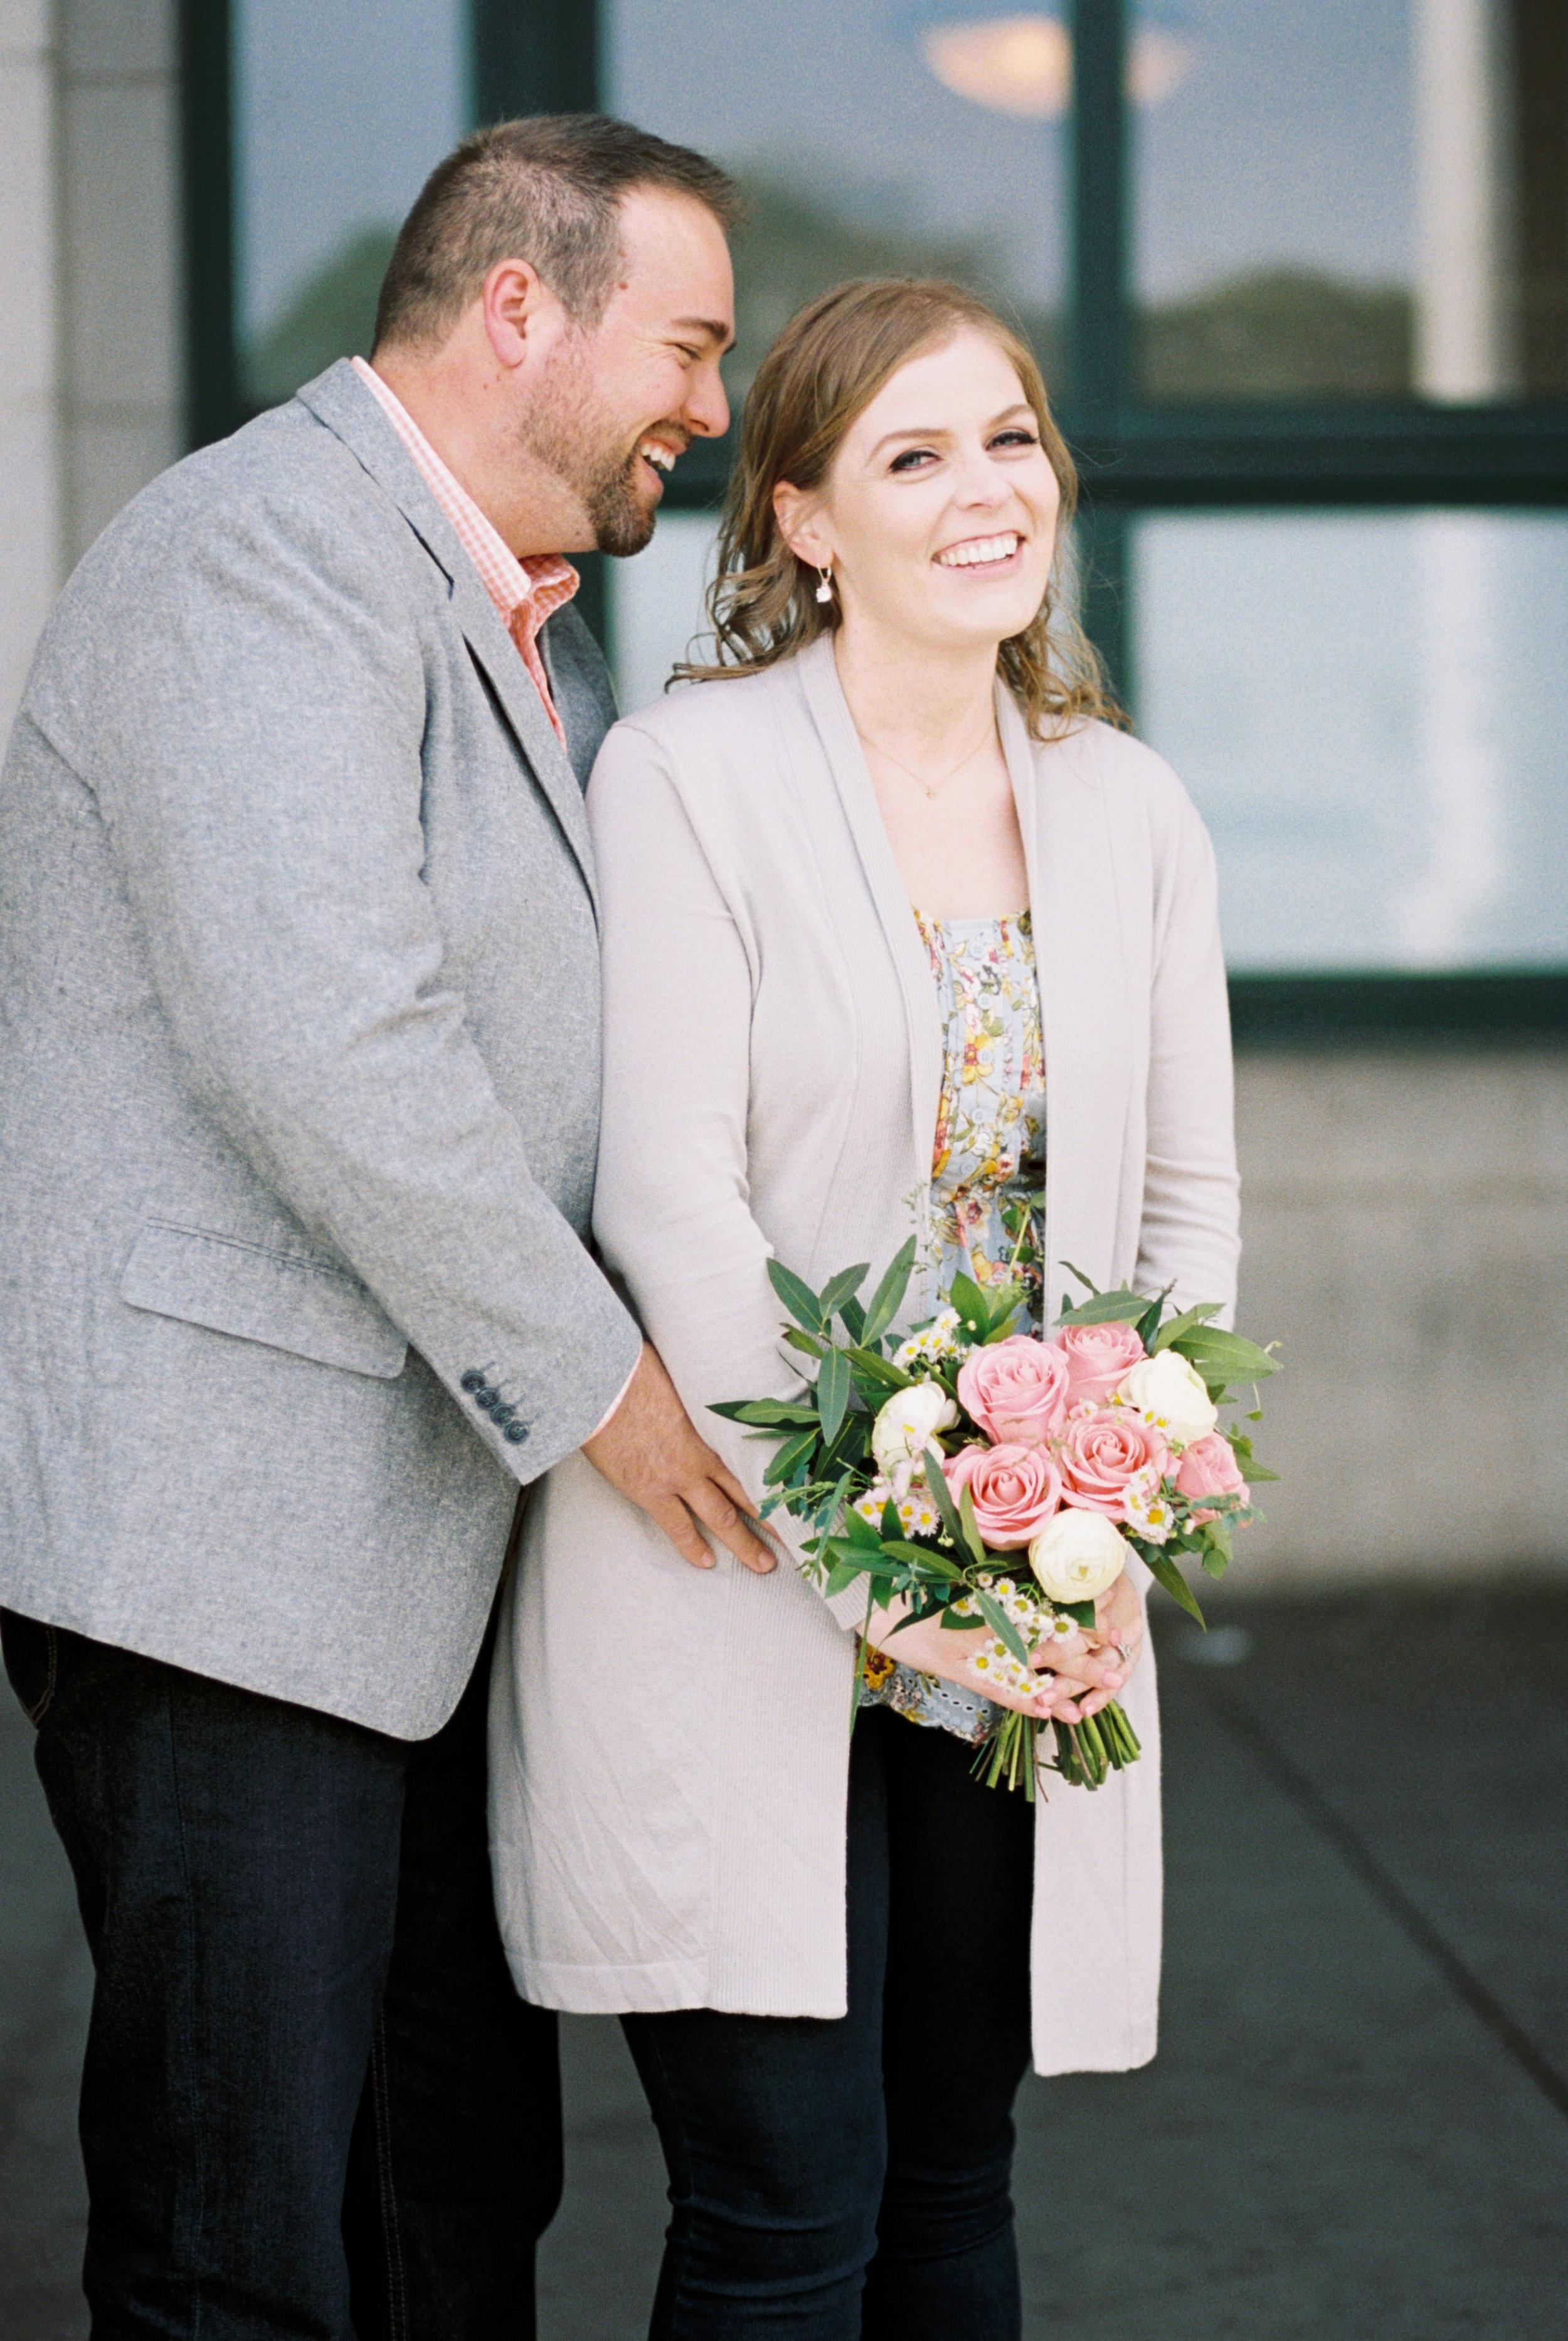 Amy-lauren-floral-design-bouquet